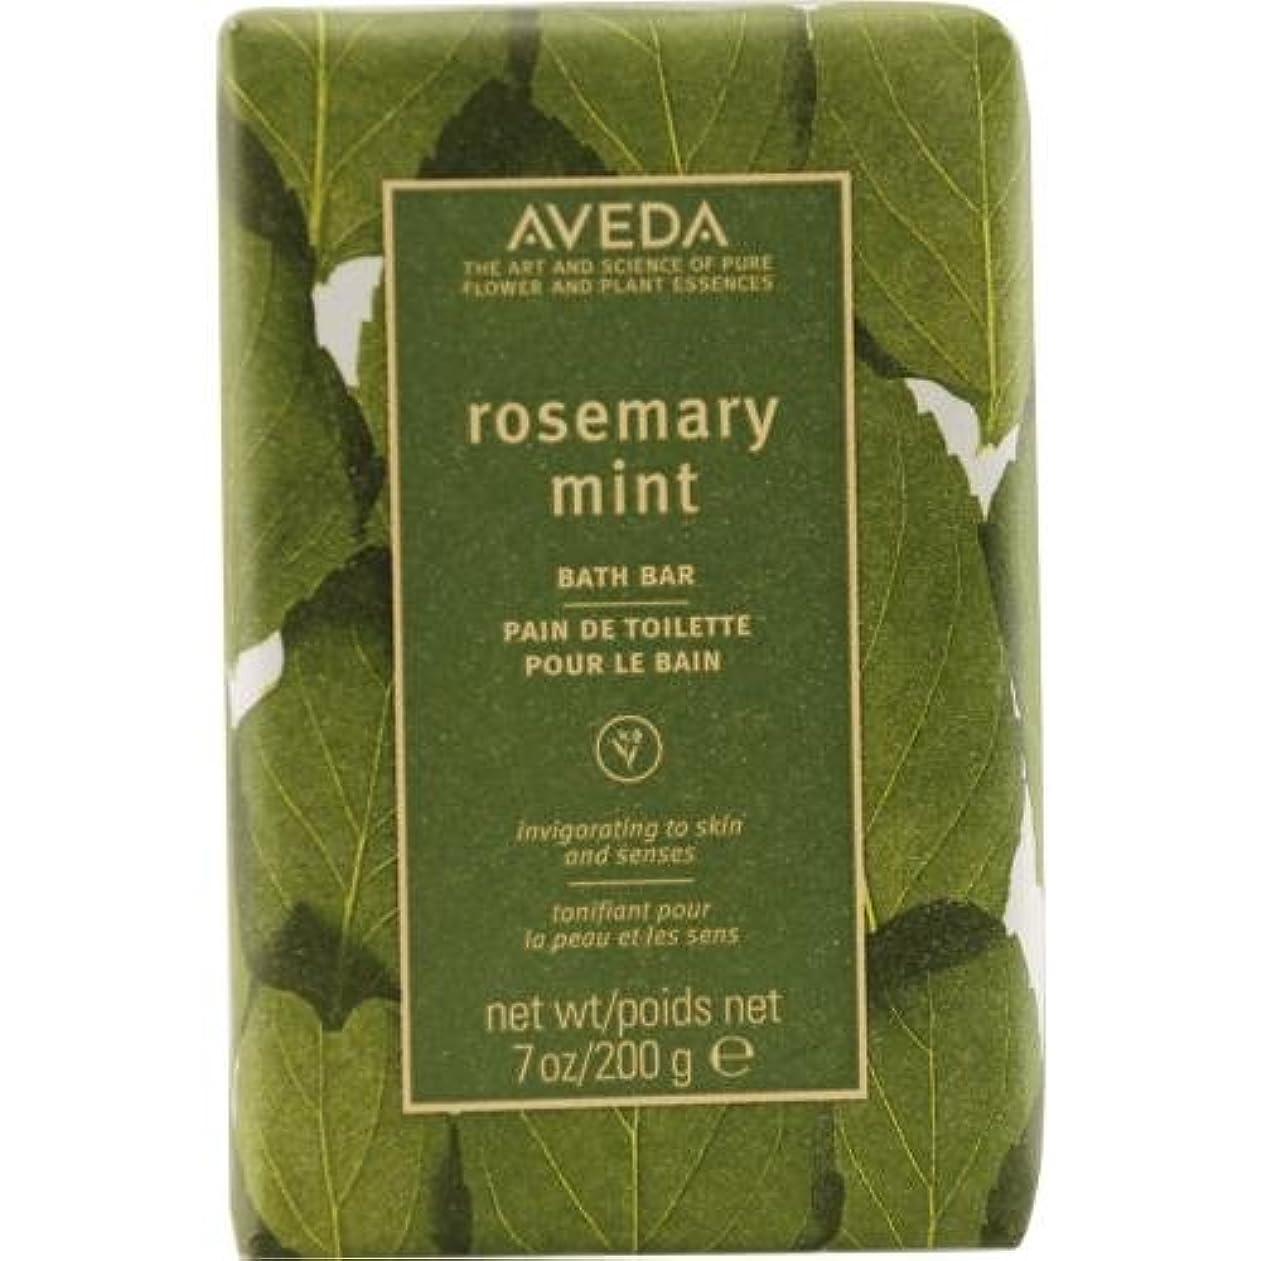 率直なクリケット民兵Aveda Skincare Rosemary Mint Bath Bar, 7-Ounce Box